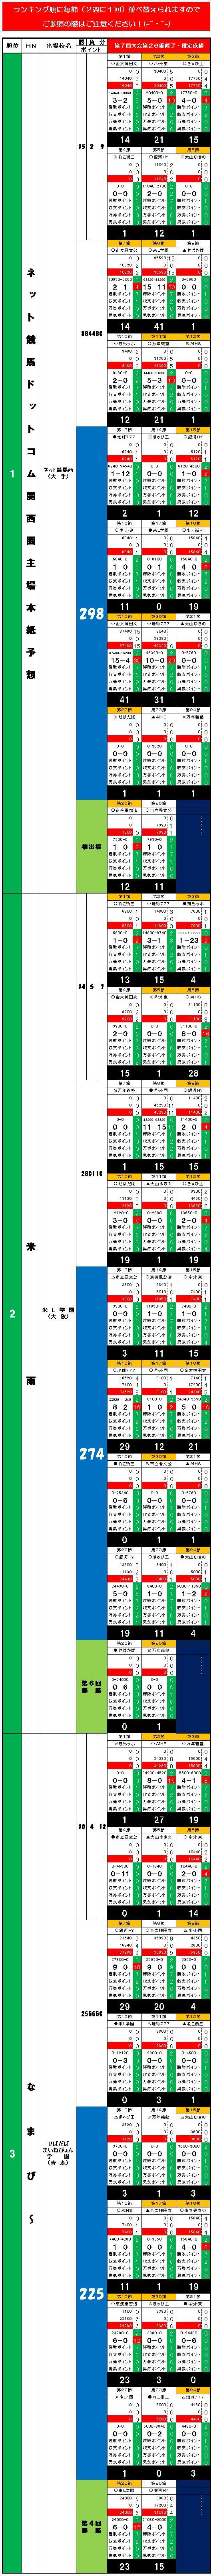 20160619・ダルマンリーグ第26節後半終了個人成績データ①.jpg